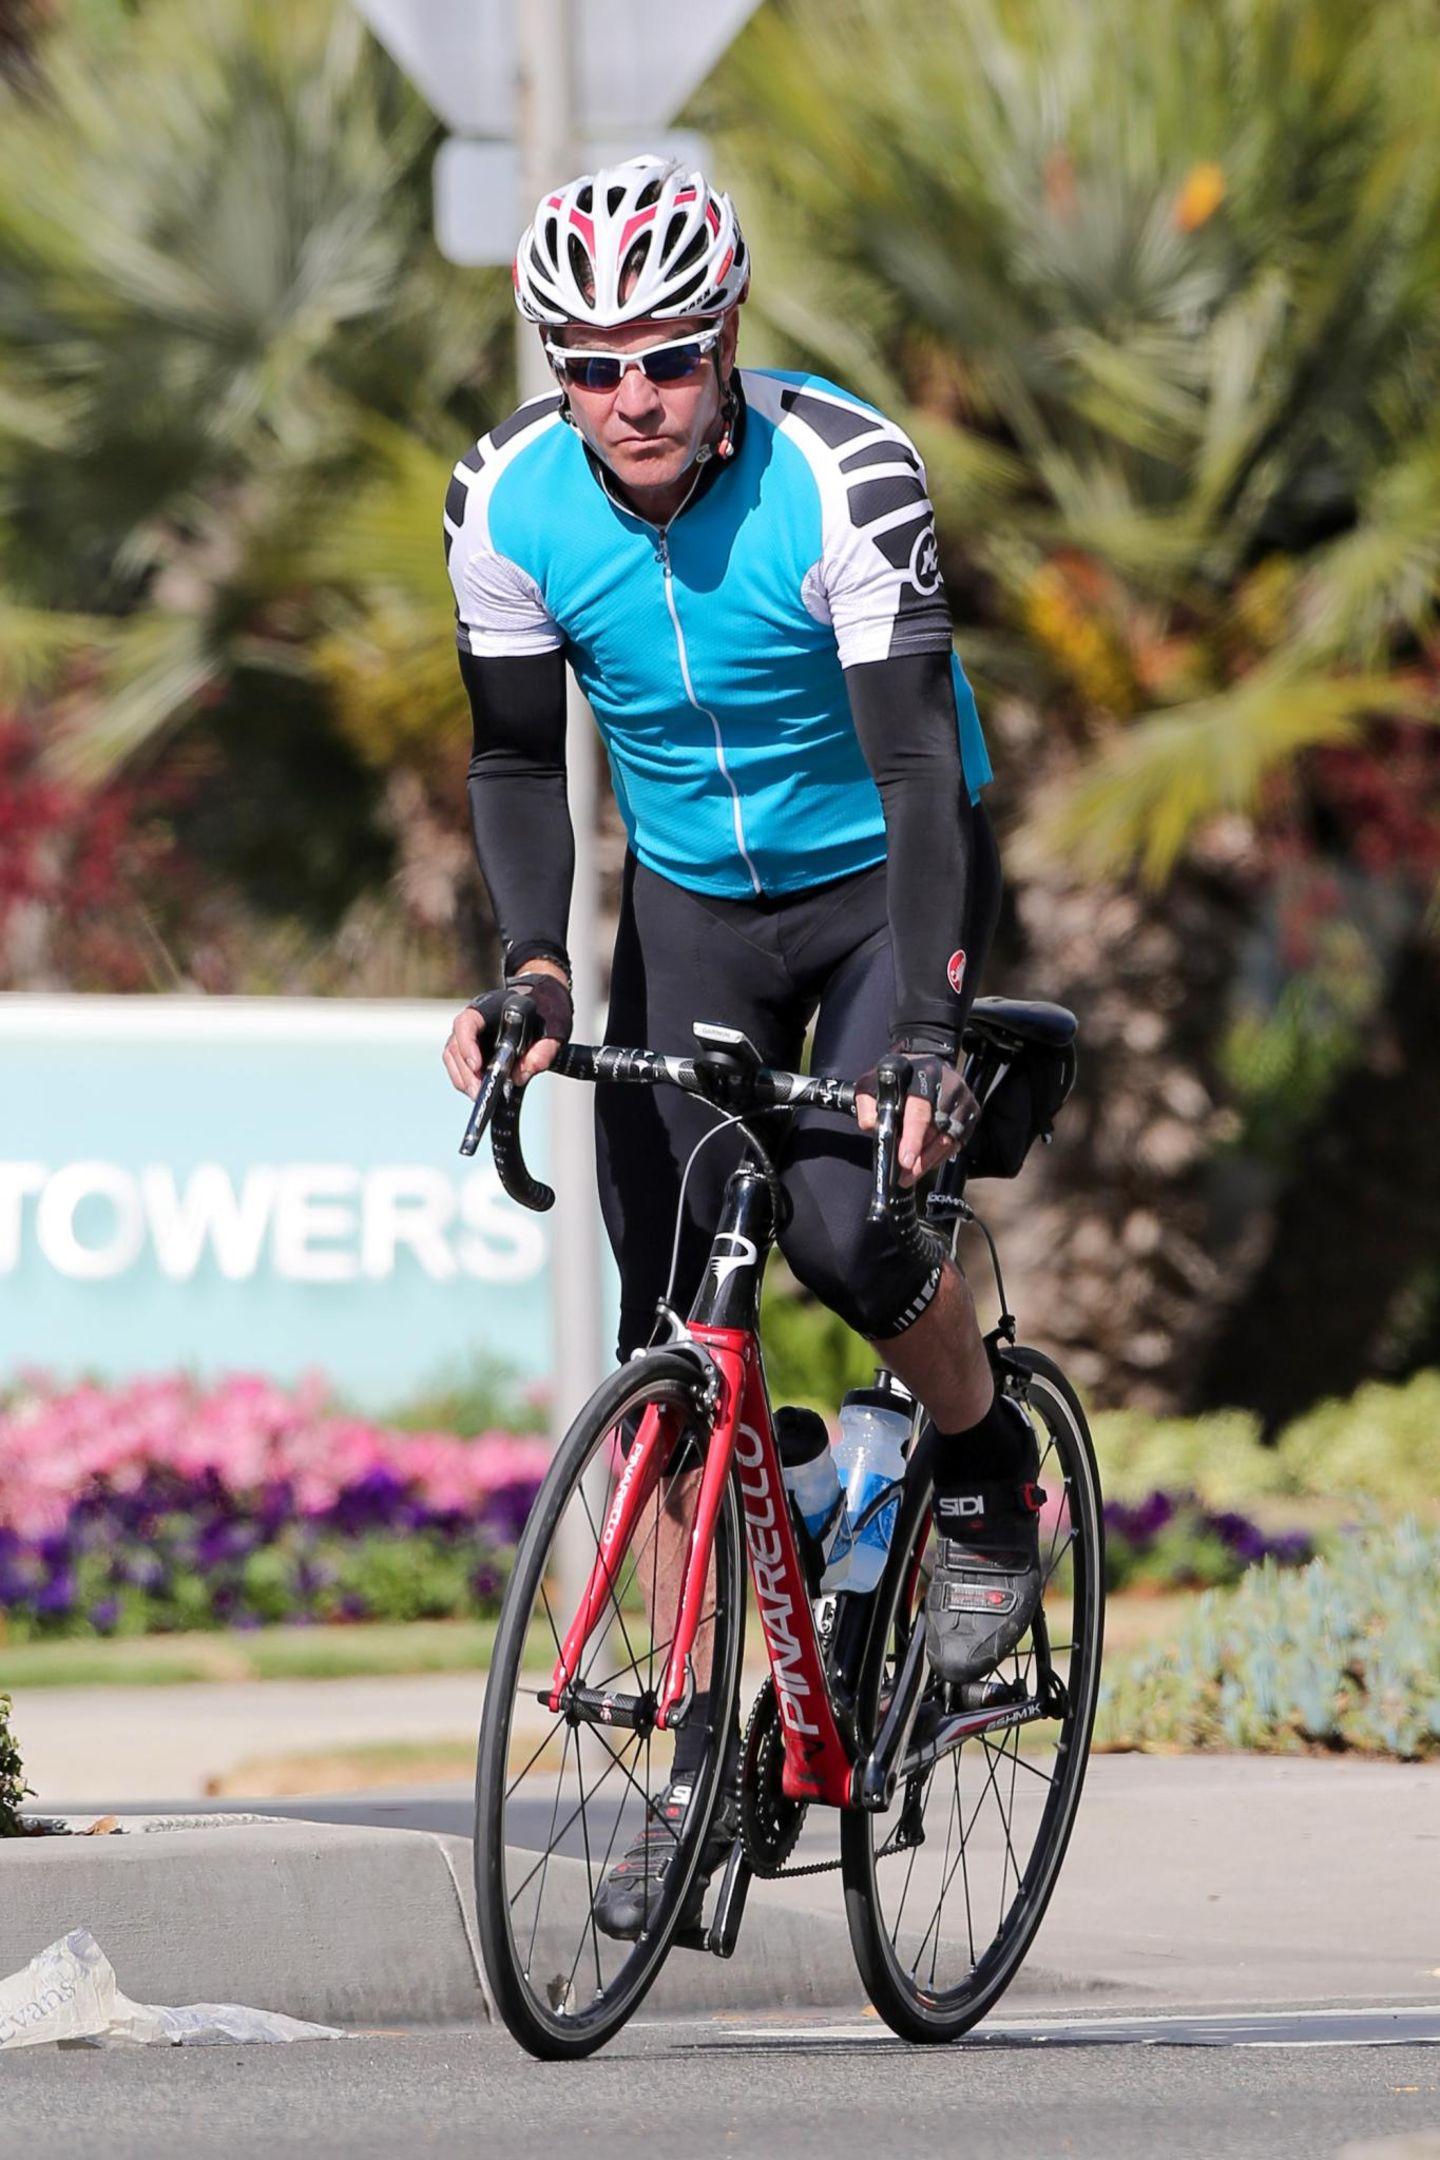 Dennis Quaid sieht in seinem Outfit aus, wie ein professioneller Rennradfahrer.